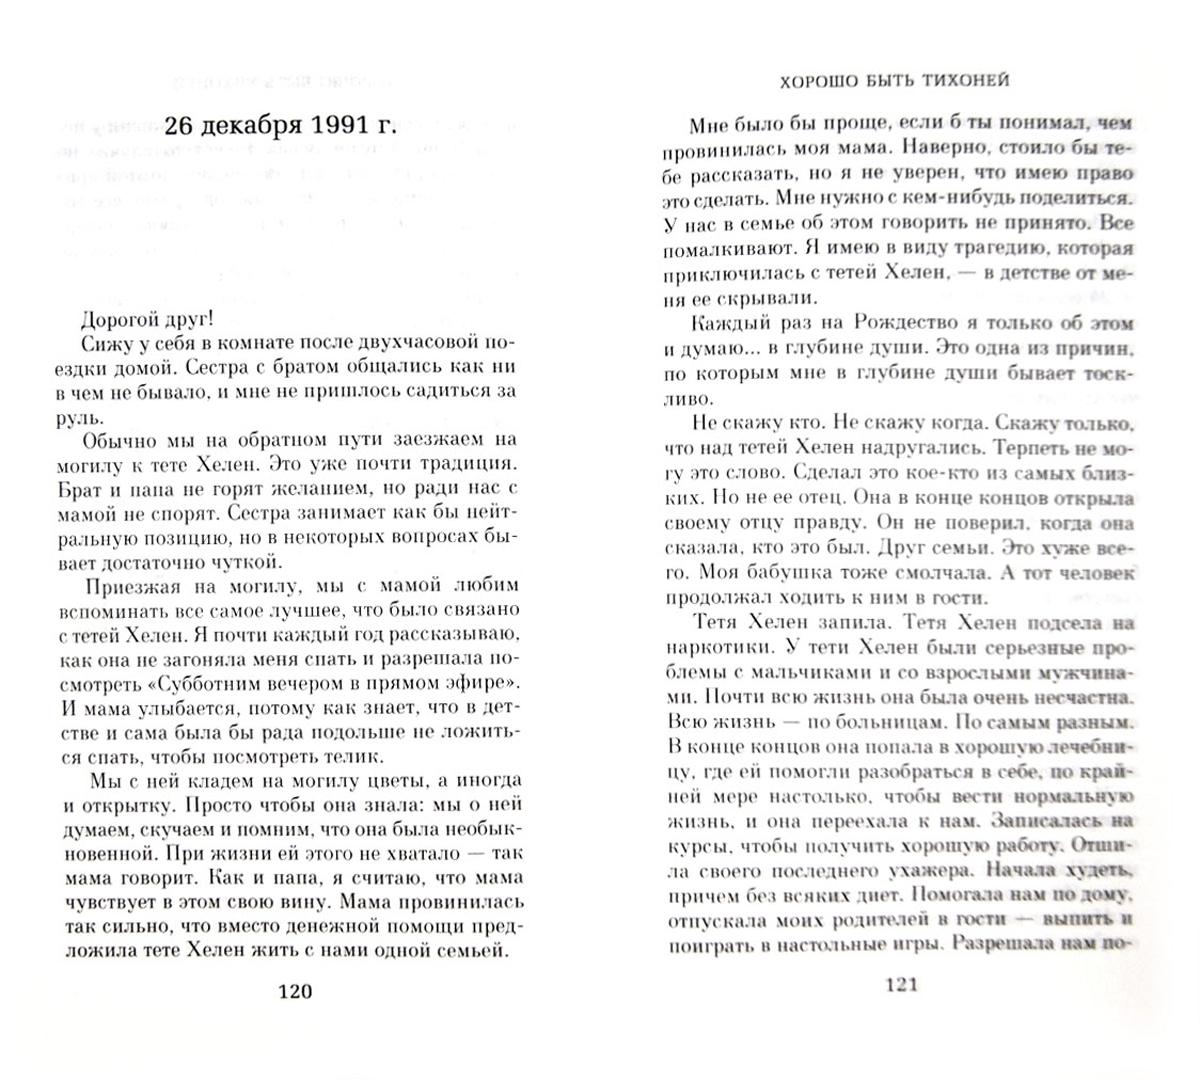 Иллюстрация 1 из 61 для Хорошо быть тихоней - Стивен Чбоски | Лабиринт - книги. Источник: Лабиринт